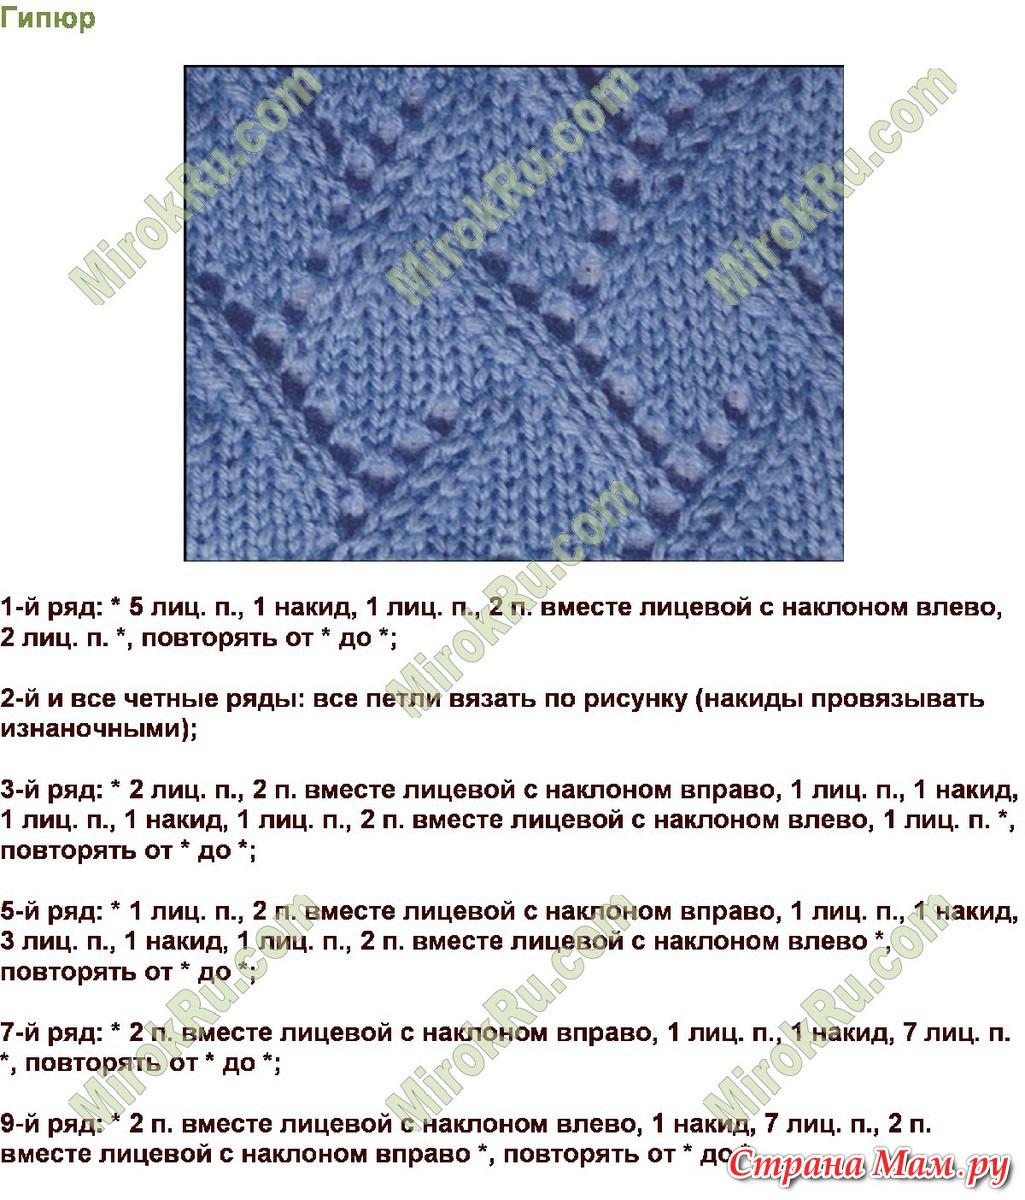 Фото узоры для пледов с описанием